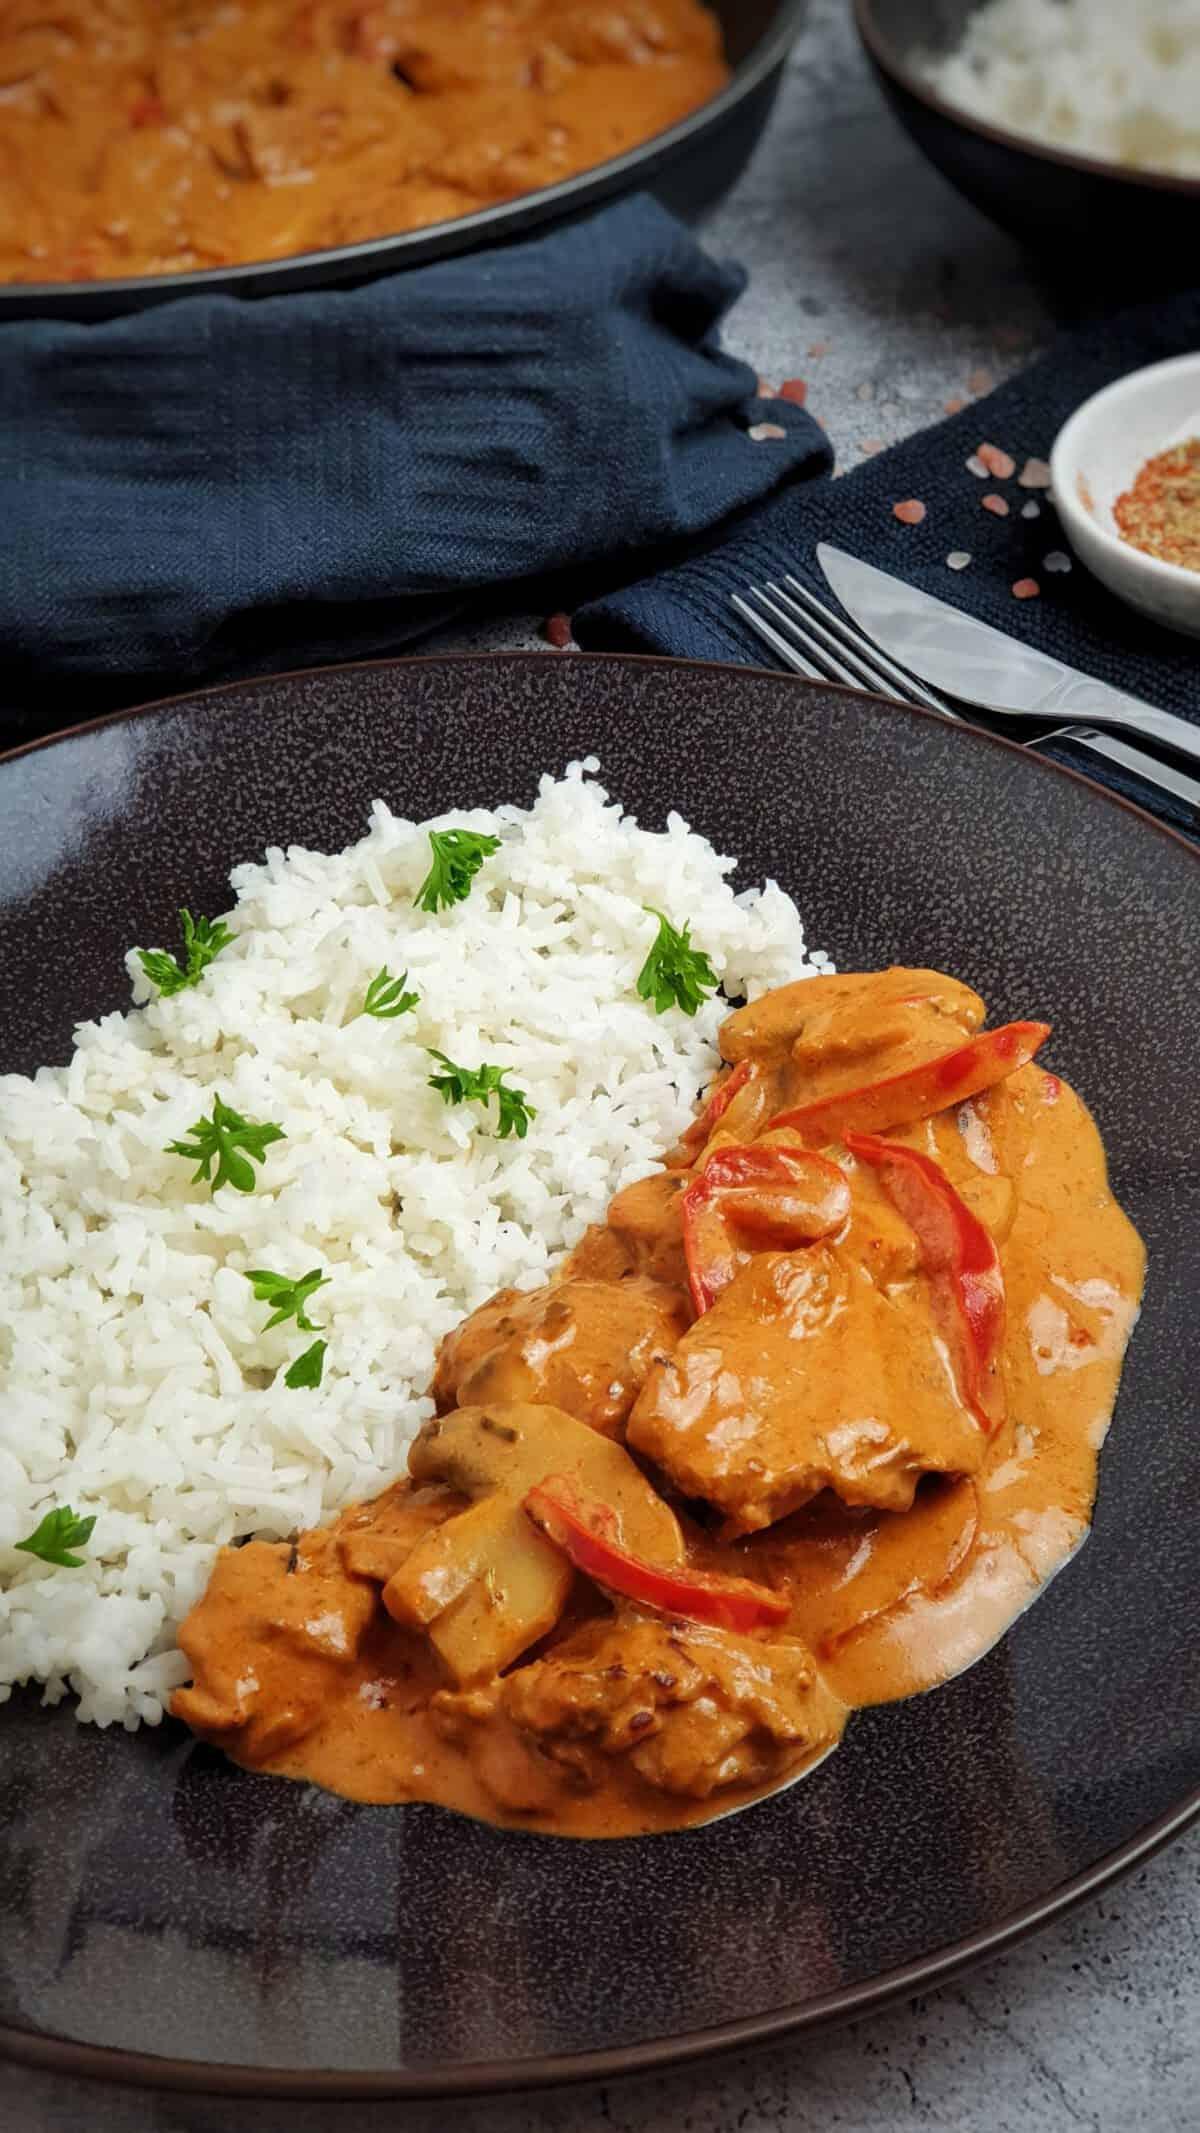 Gyros in cremiger Metaxa Soße auf einem braunen Teller mit Reis angerichtet.